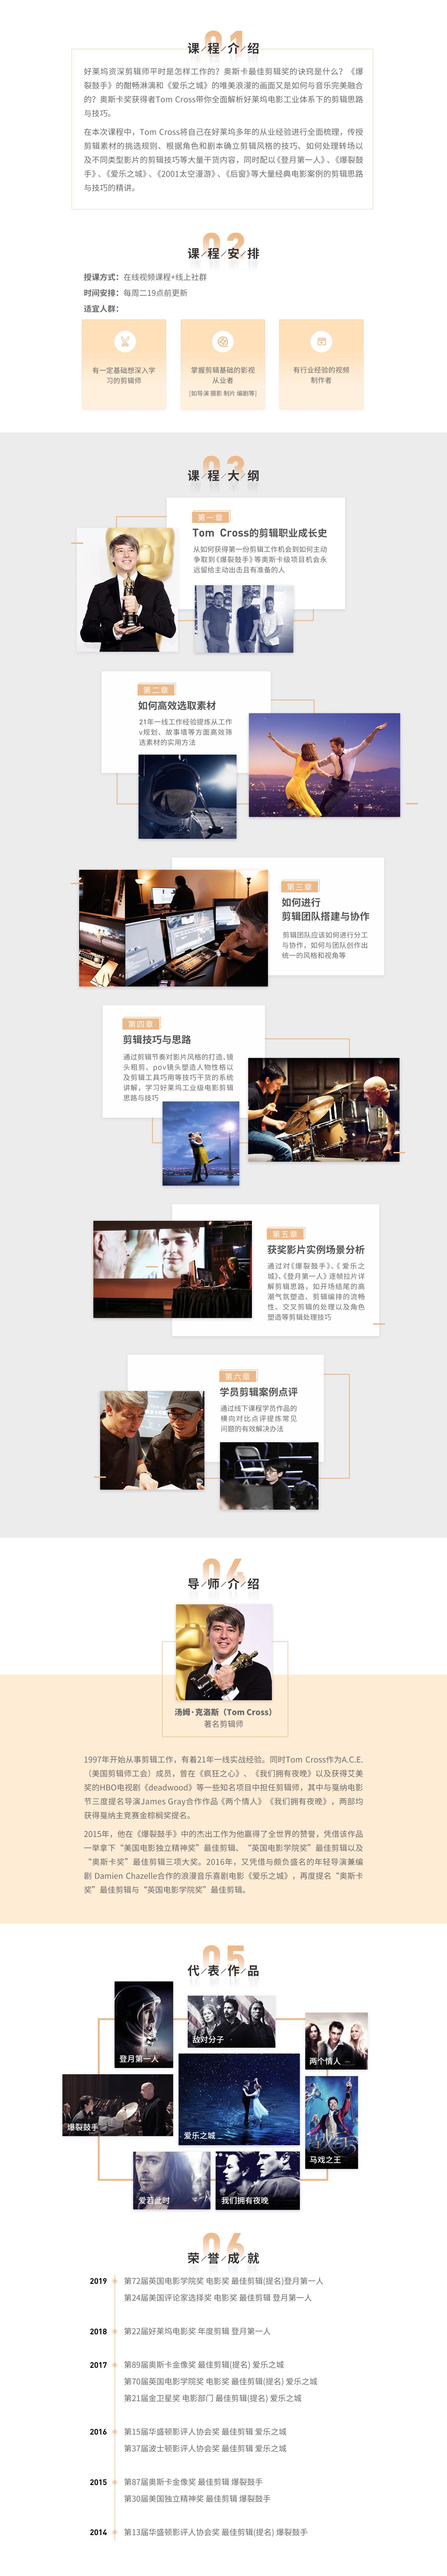 精品讲座-剪辑大师课:奥斯卡最佳剪辑师的剪辑思路与技巧 中文字幕(3)